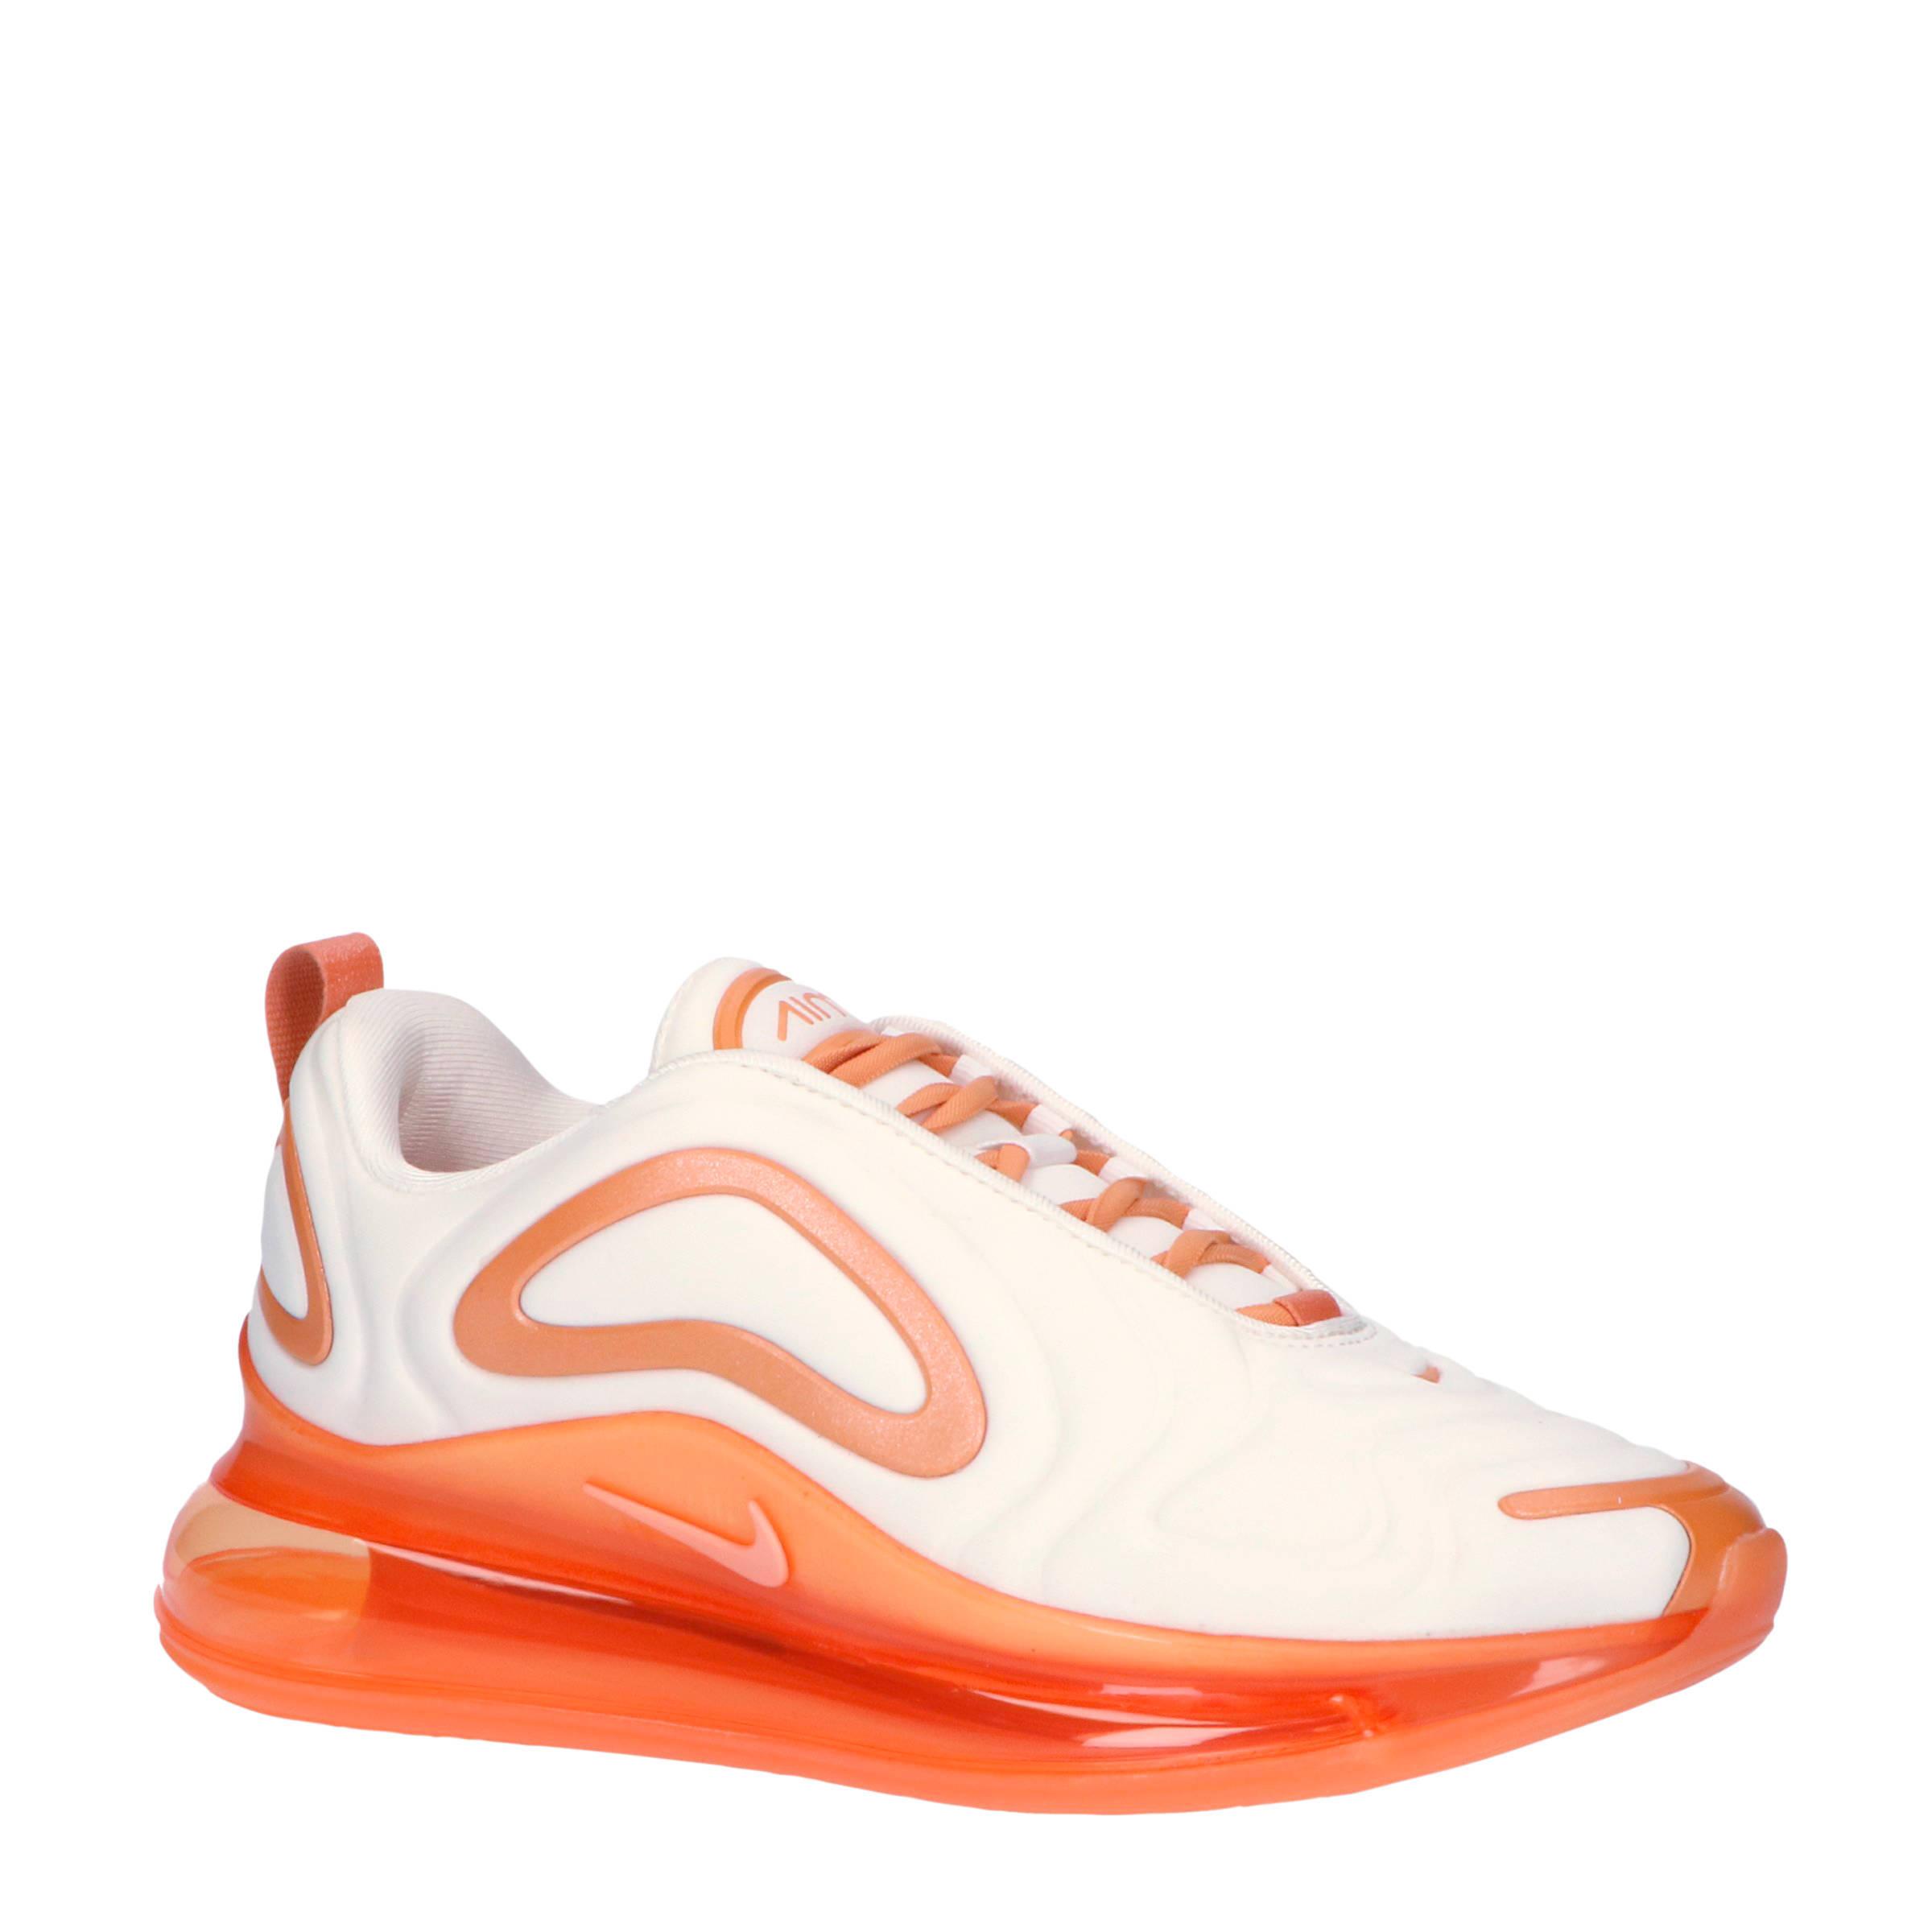 Nike Air Max 720 sneakers zwartrood | wehkamp